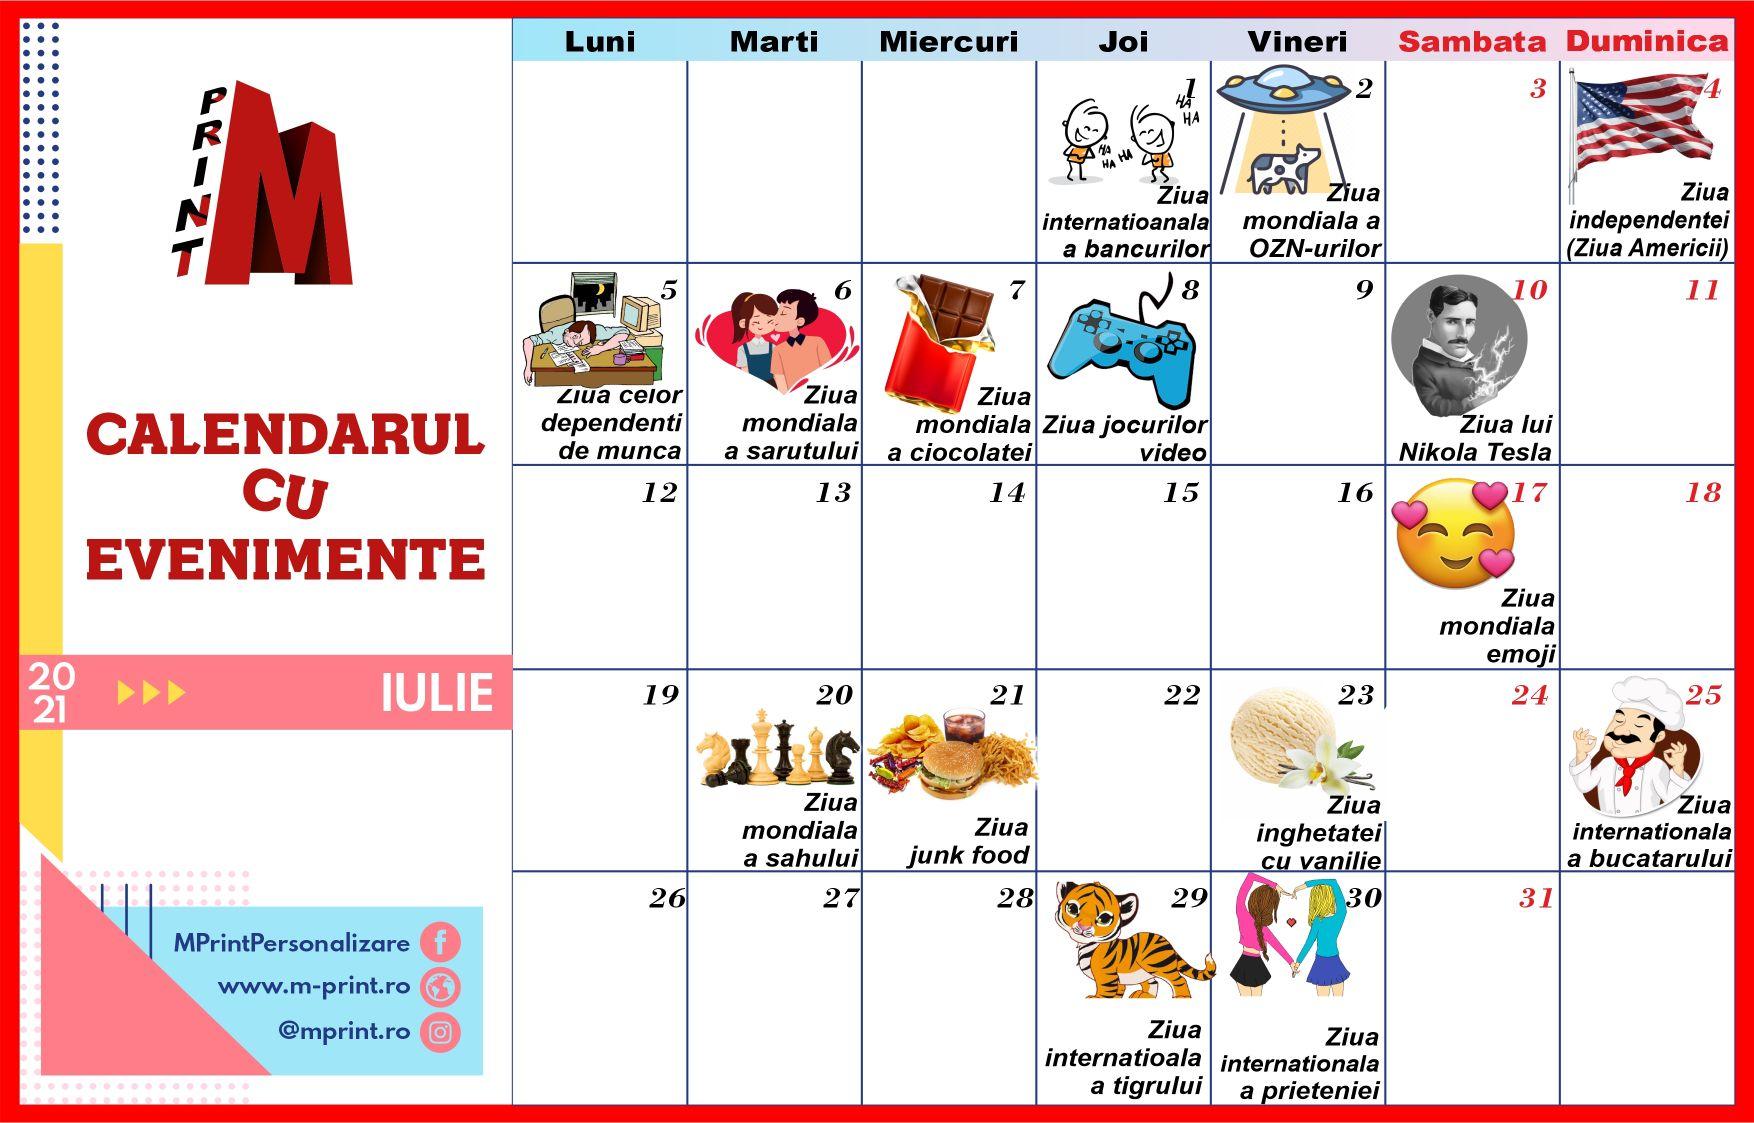 Calendarul cu Evenimente - Iulie 2021